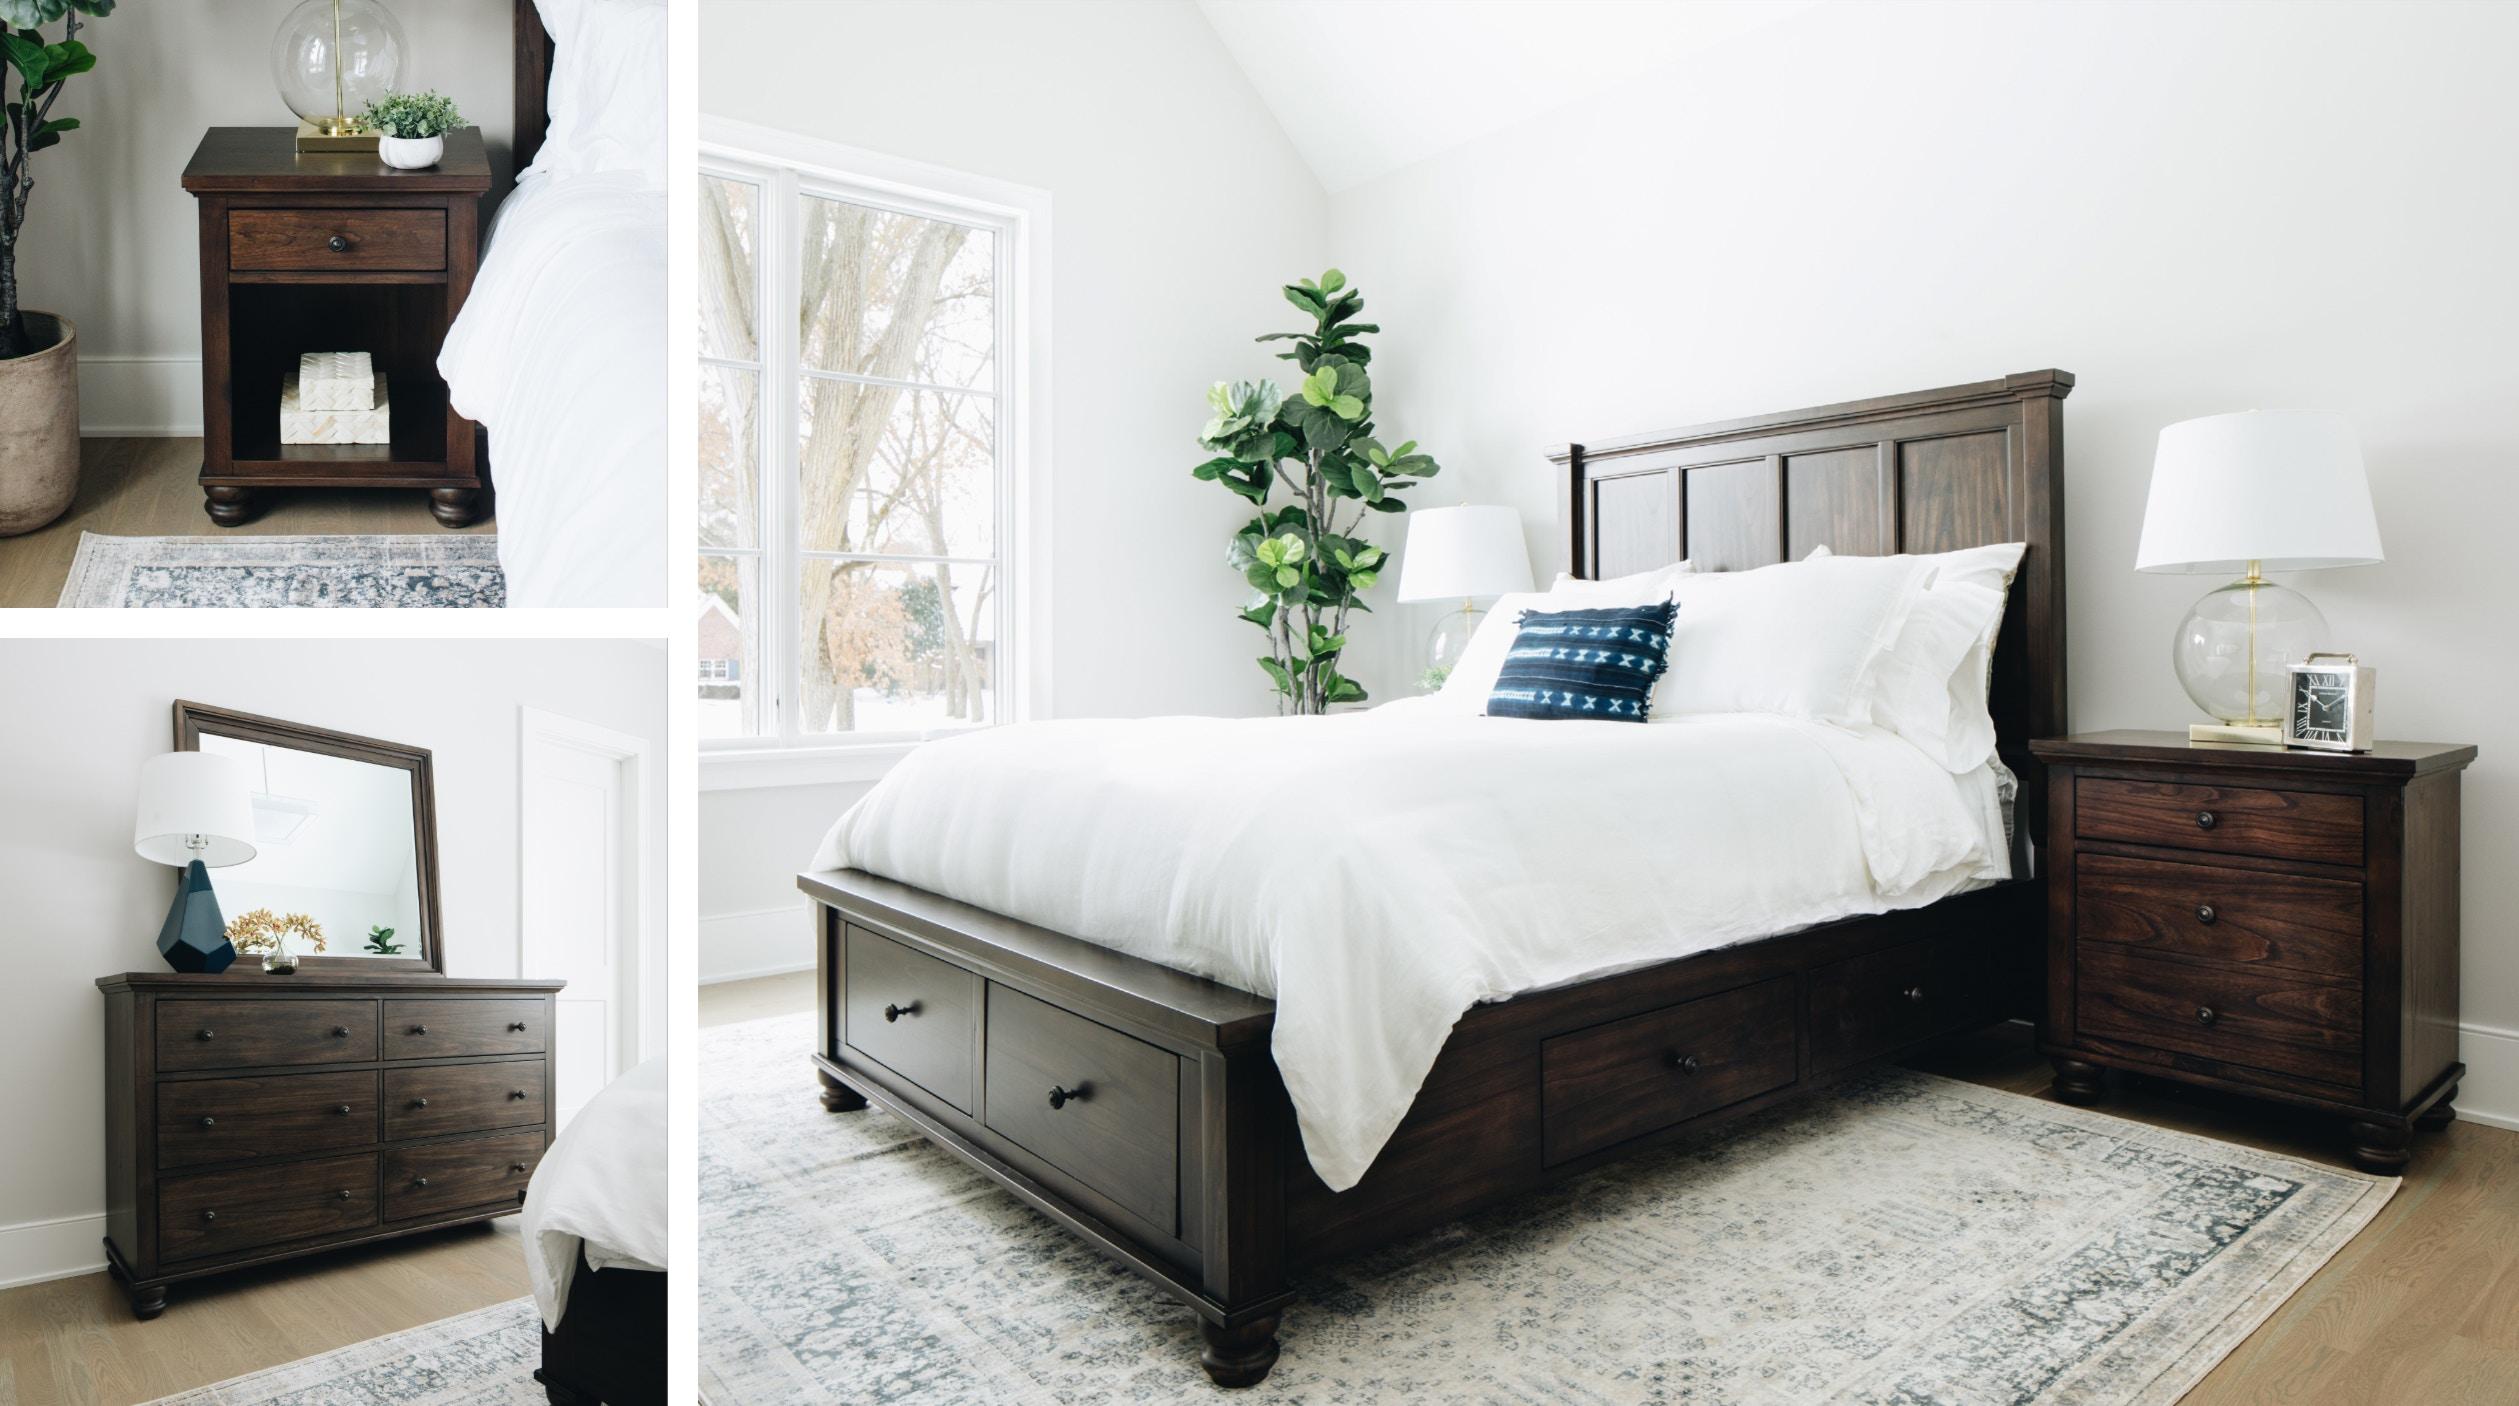 Quincy 4 Piece Bedroom Set